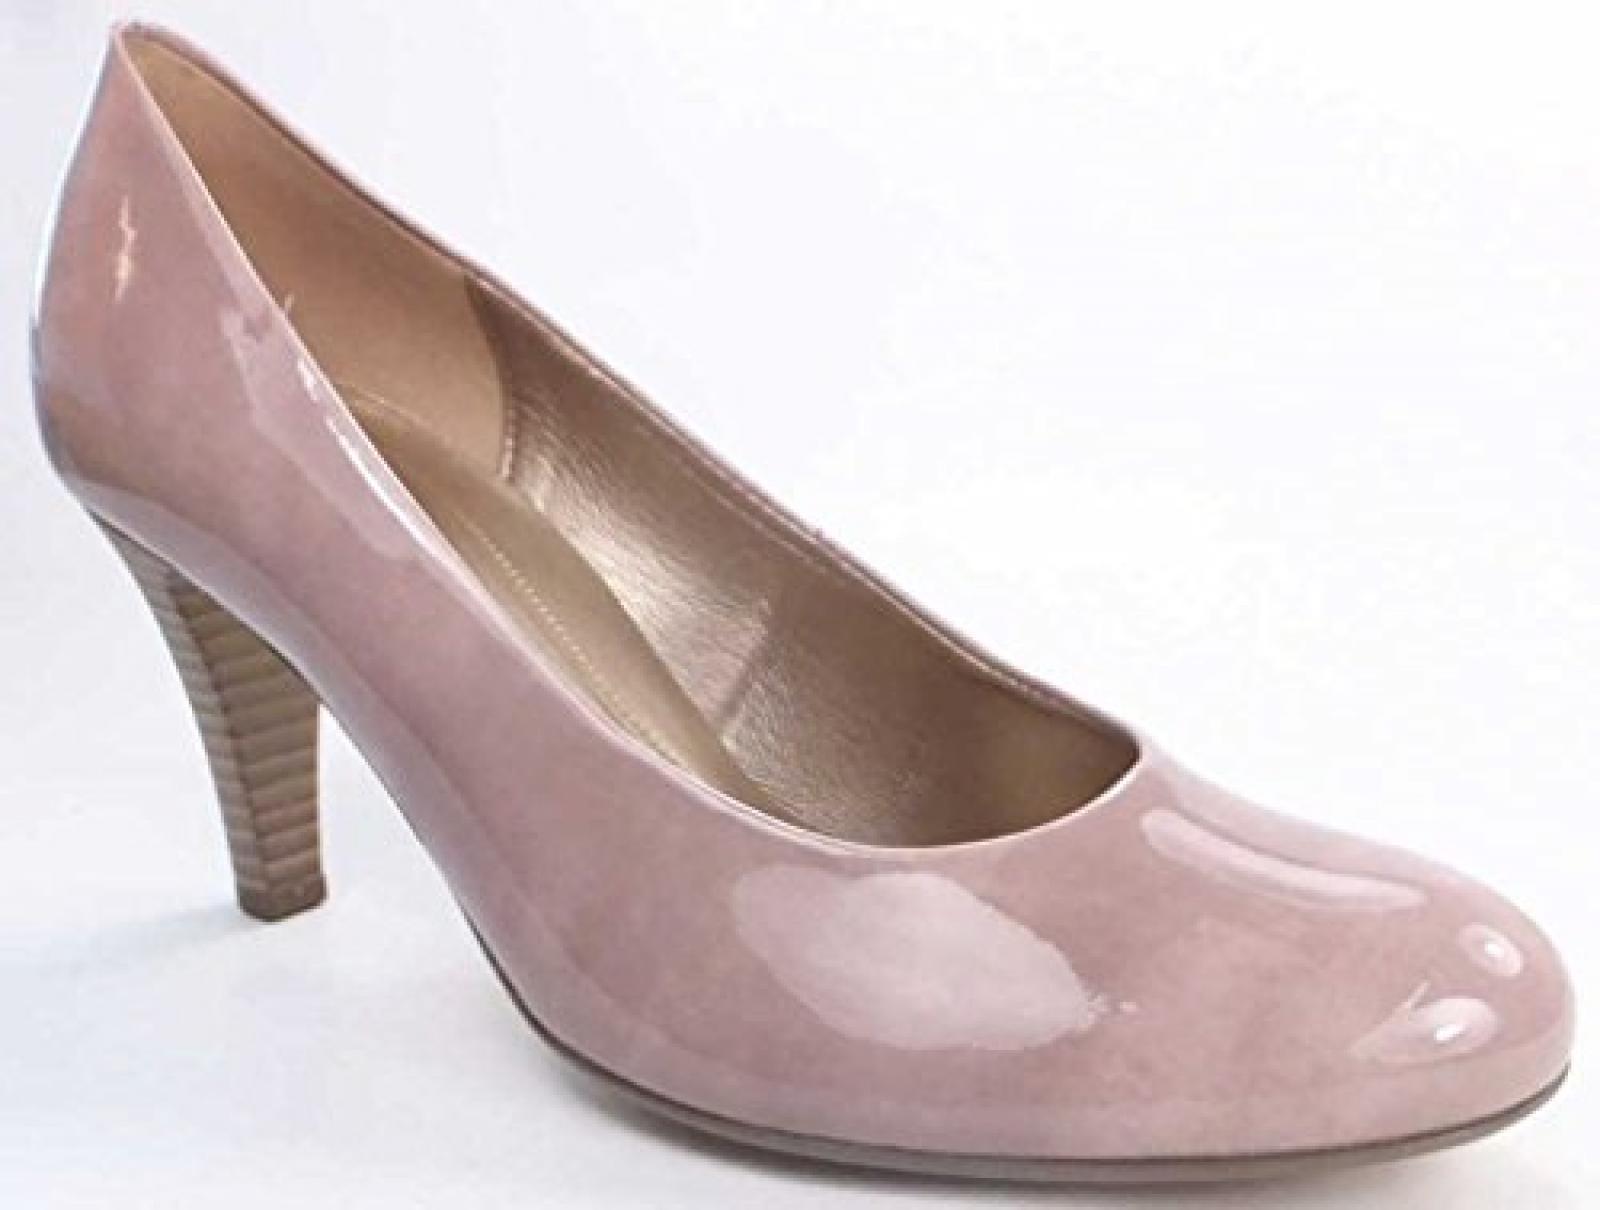 GABOR - Damen Pumps - Lack Beige Schuhe in Übergrößen